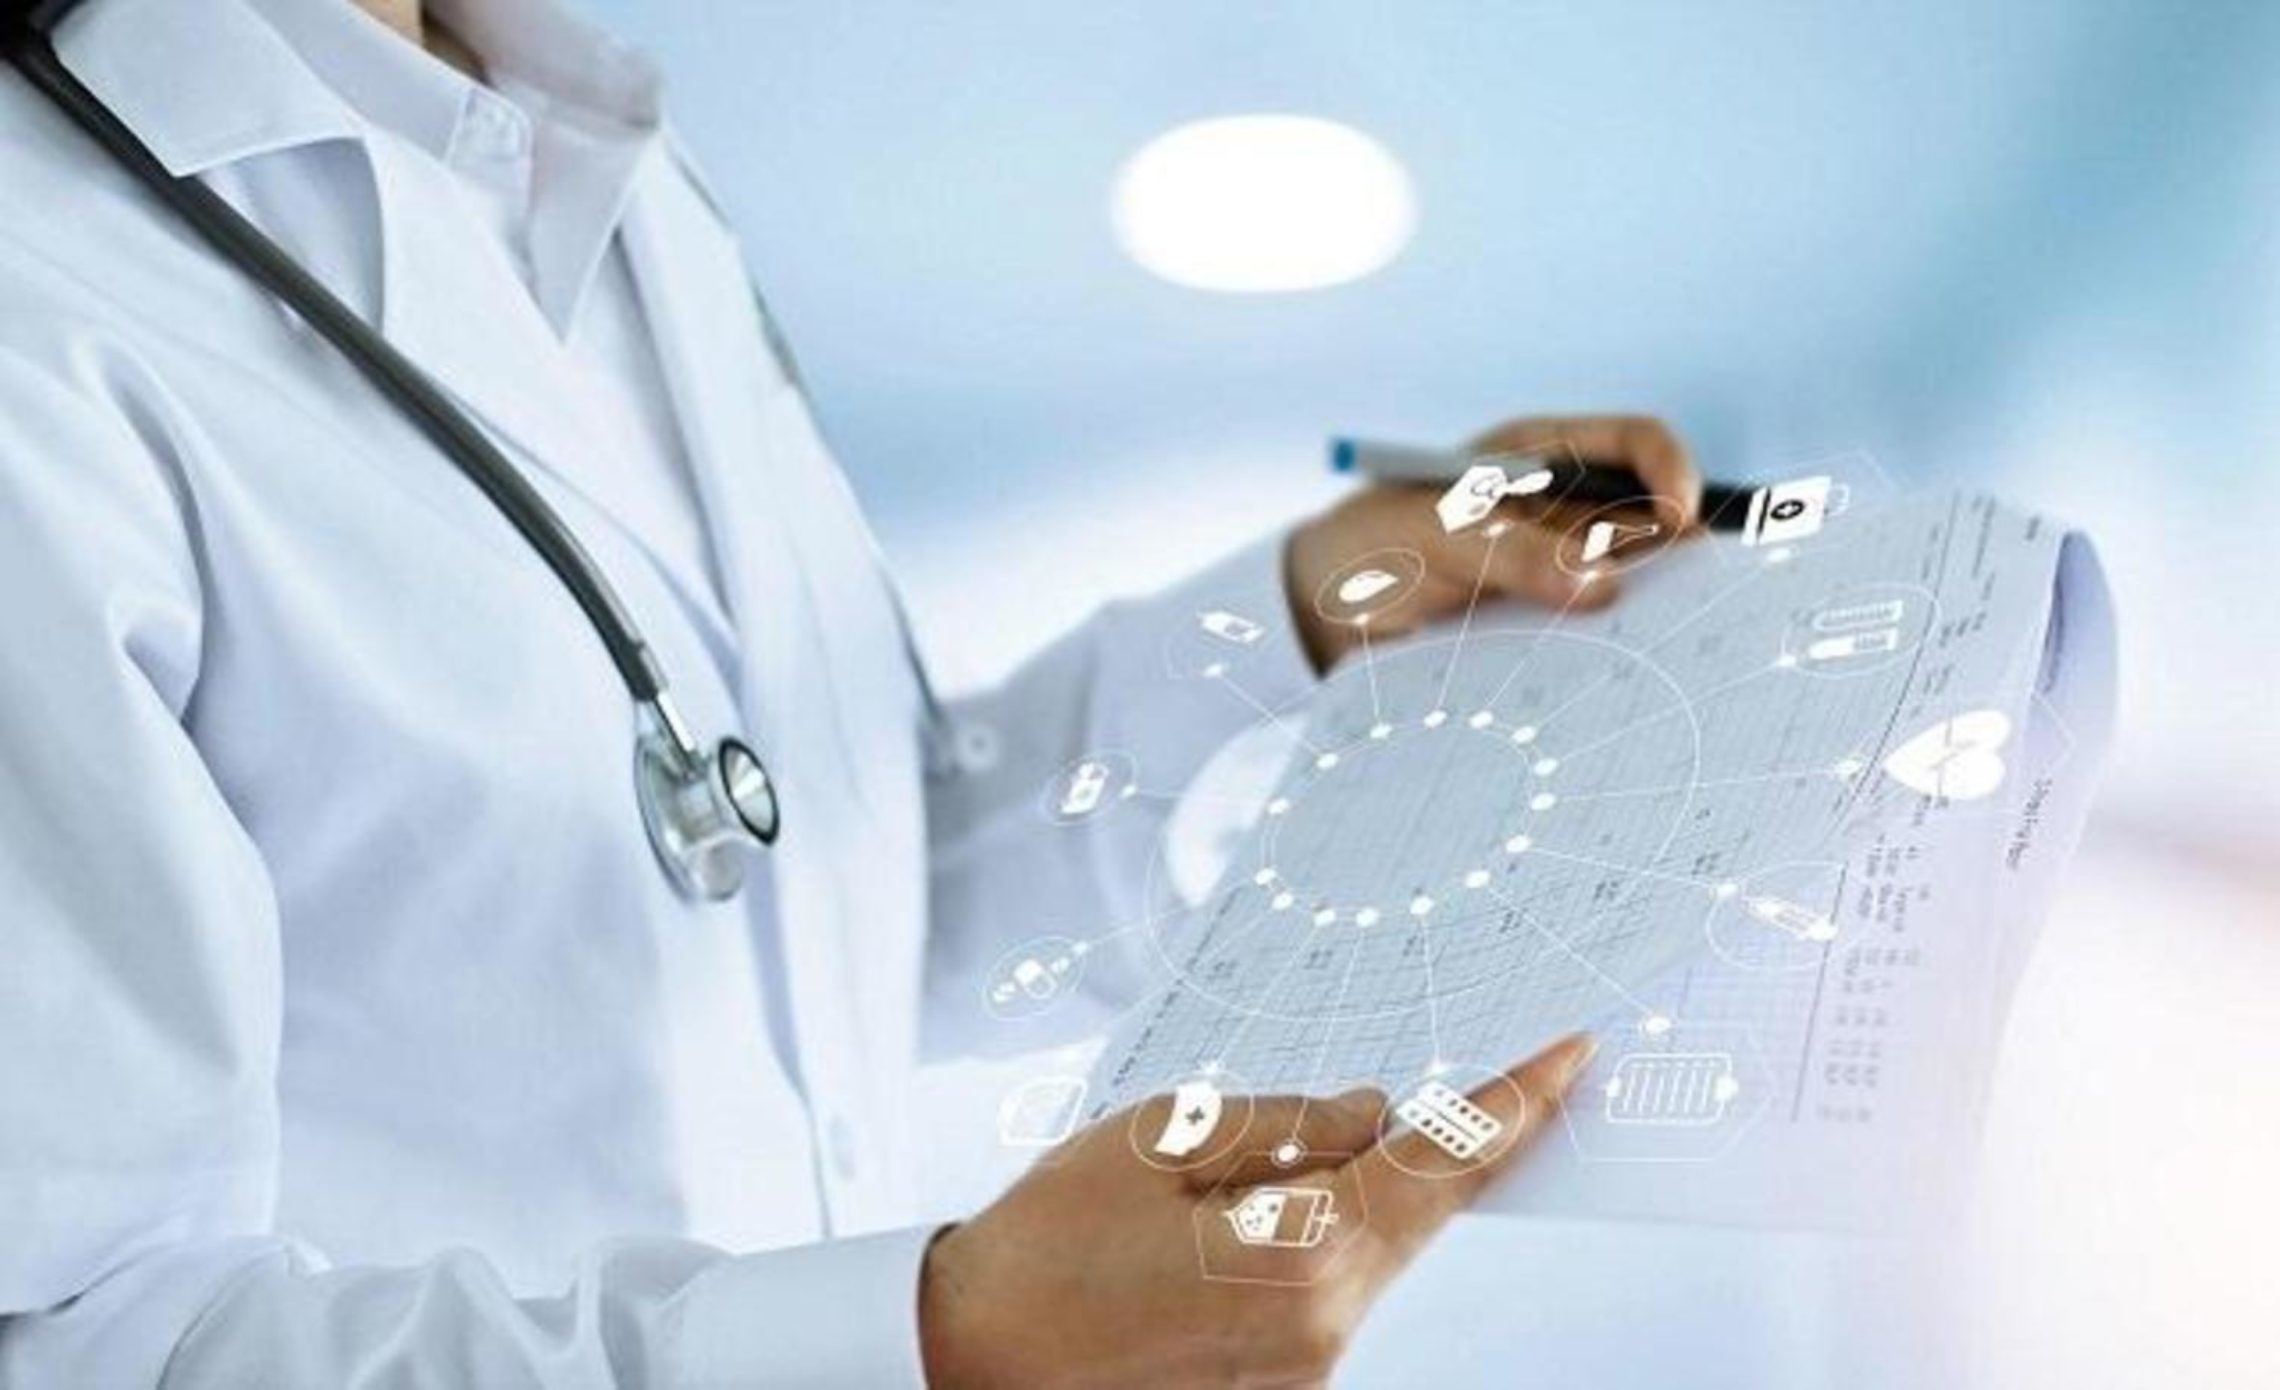 Medical doctor digital flex web 1500x914